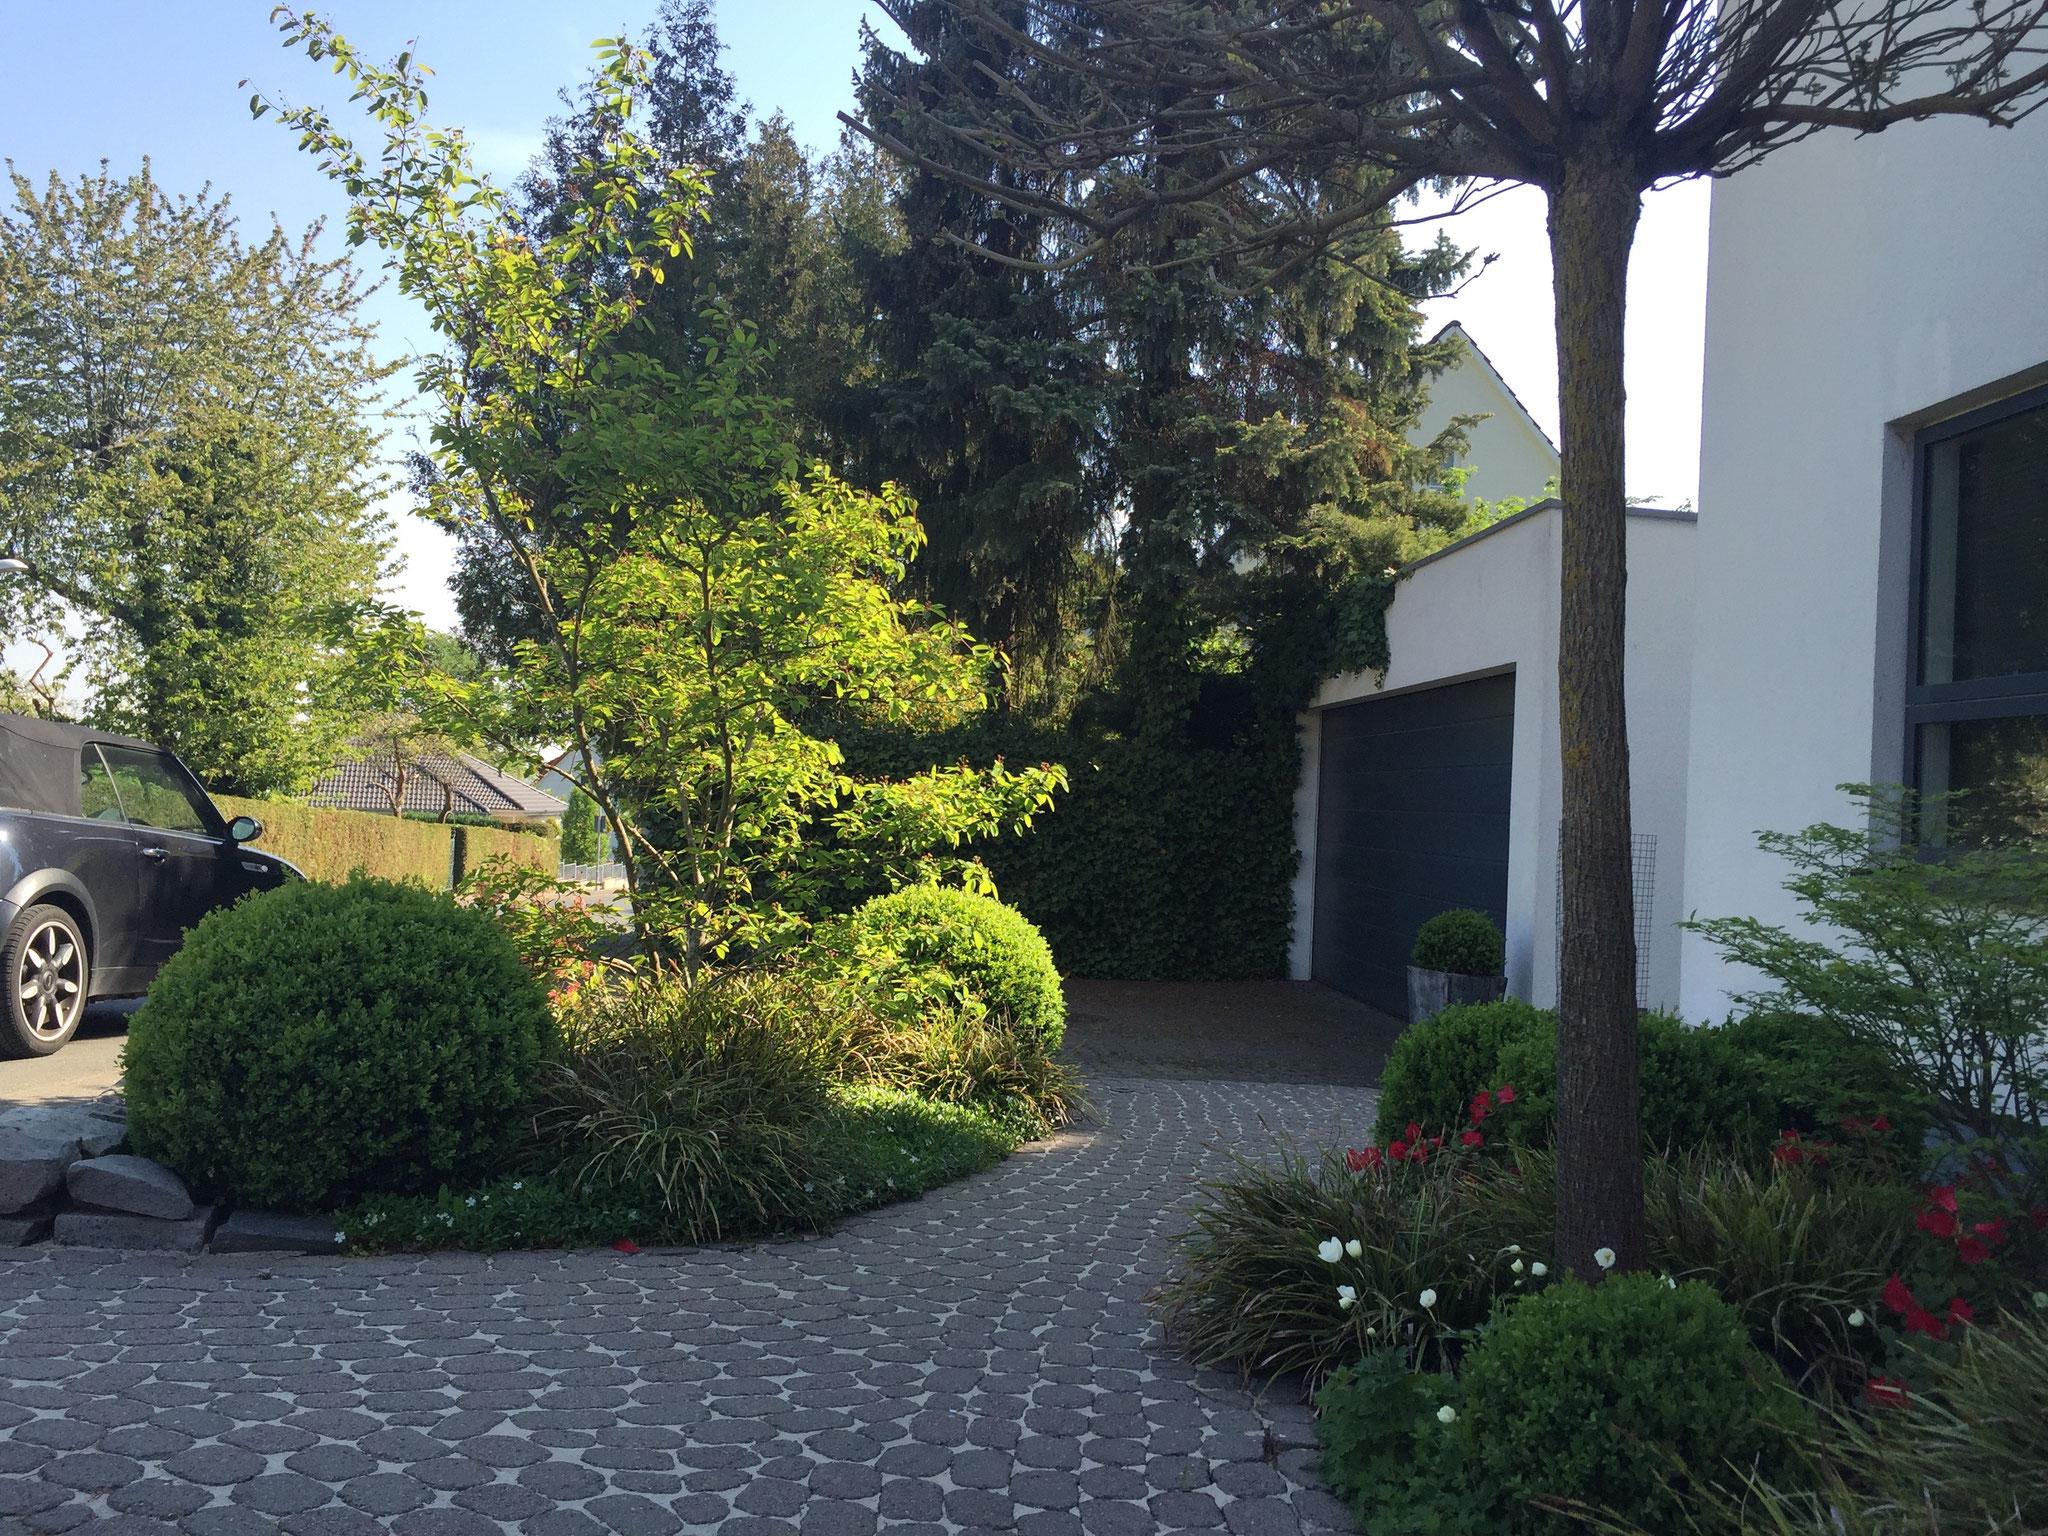 Vorgarten 2